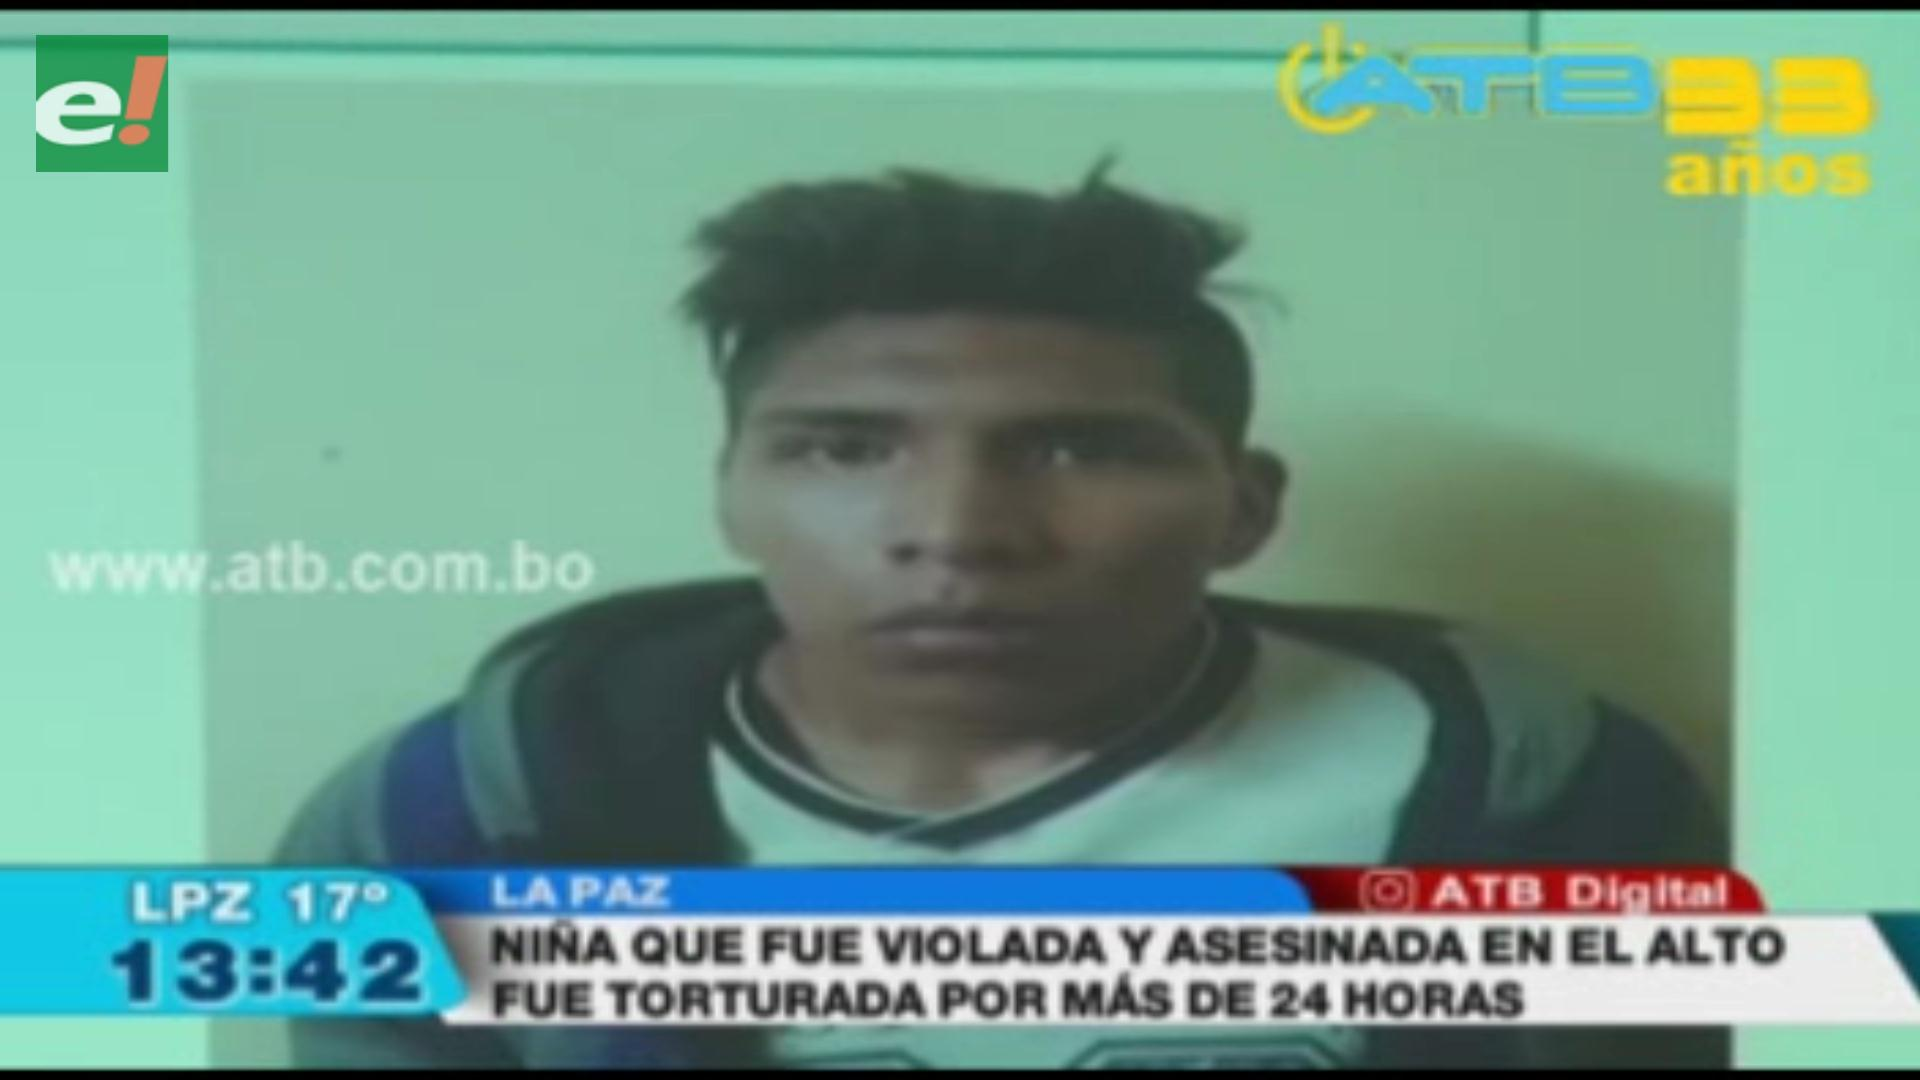 Elida Ramos de 13 años fue torturada por más de 24 horas